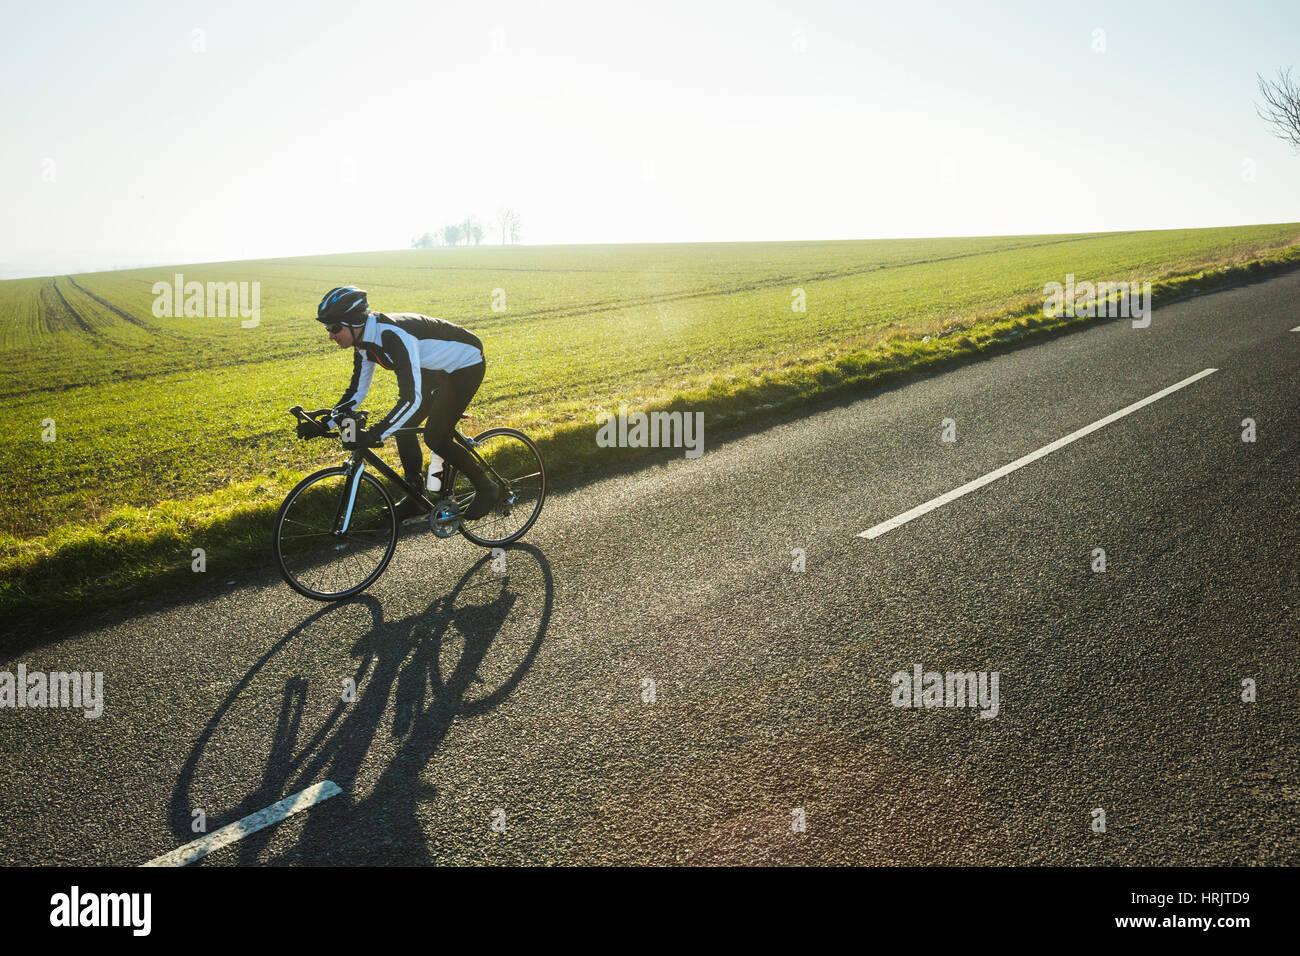 Um ciclista a cavalo ao longo de uma estrada no país um claro sol de inverno dia. Sombra sobre a superfície Imagens de Stock